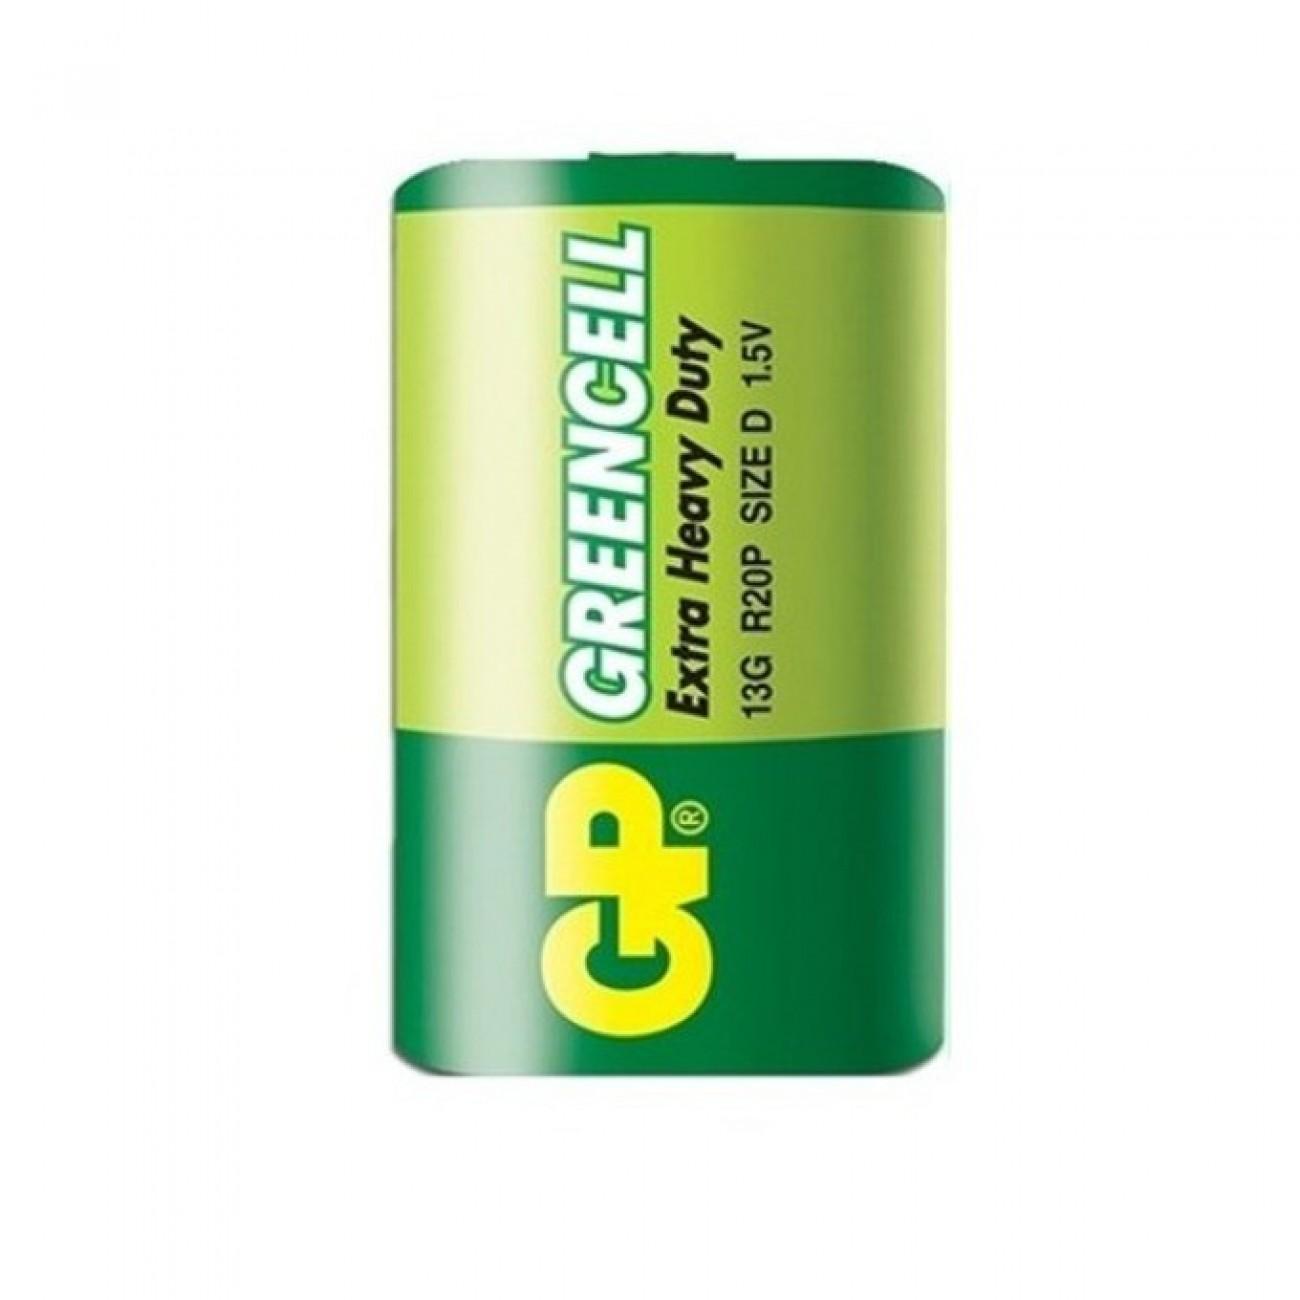 Батерия цинкова GP 13G-2S2, D, R20P, 1.5V, 1бр., bulk в Стандартни Еднократни батерии - GP Batteries   Alleop